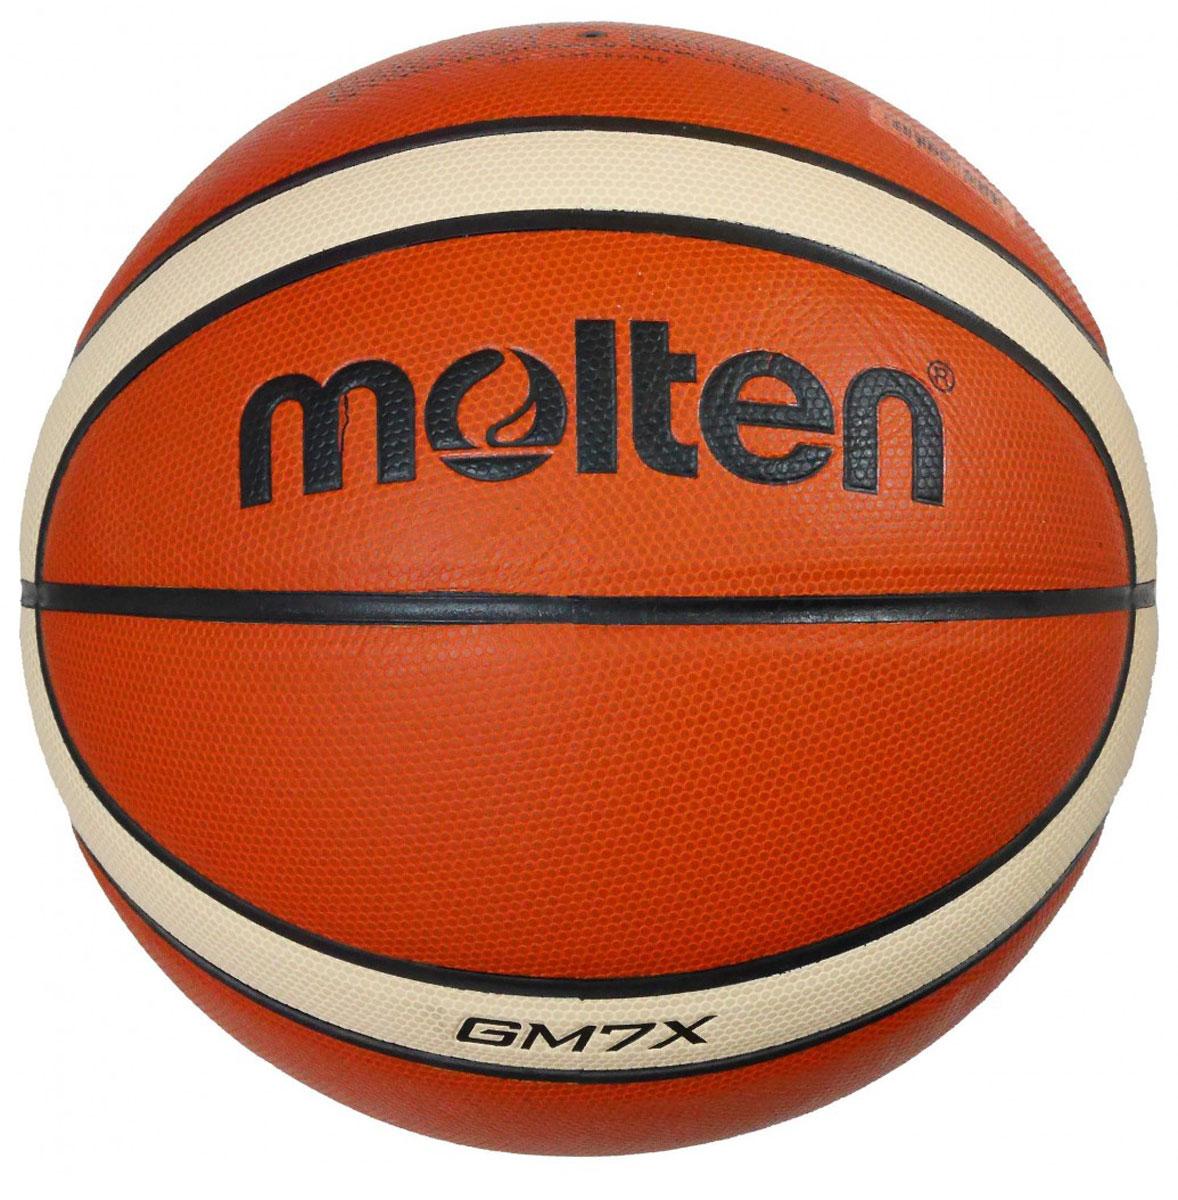 Мяч баскетбольный Molten. Размер 7. BGM7X мяч баскетбольный molten go7 ua